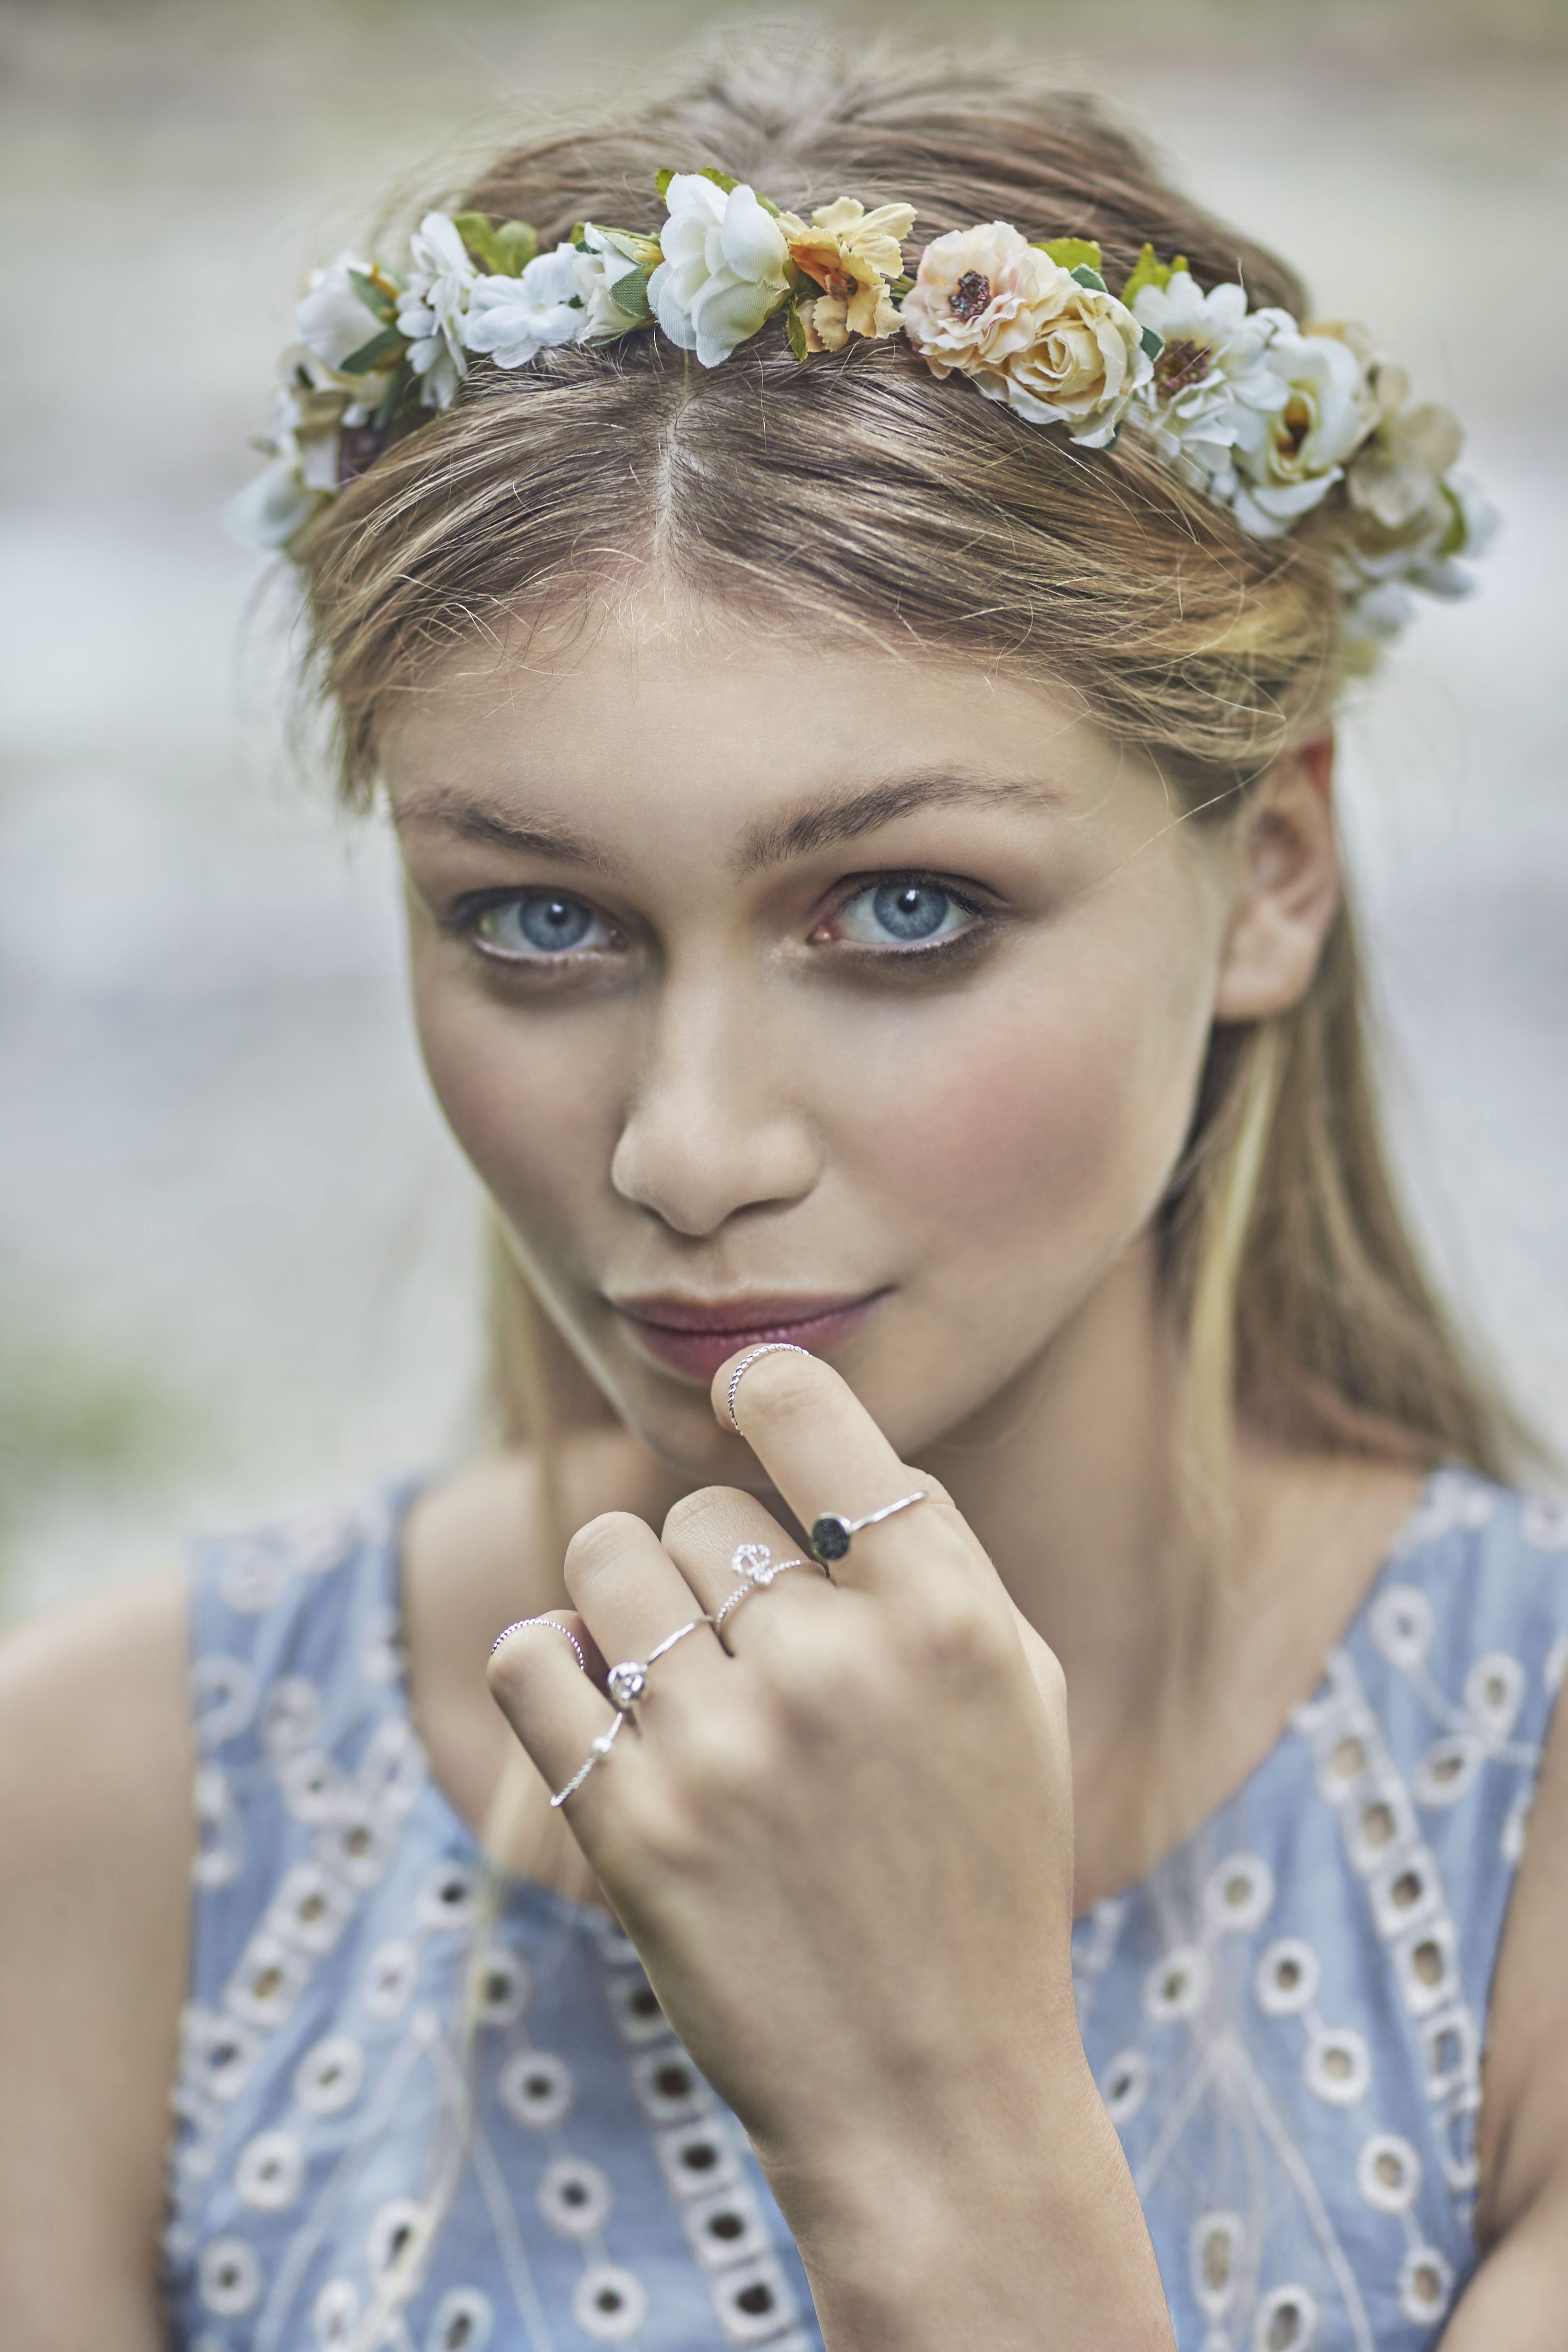 Kleidung & Accessoires Braut-accessoires Haarnadel Blüte Blume Kopfschmuck Haarschmuck Braut Hochzeit Kommunion Weiß Ruf Zuerst